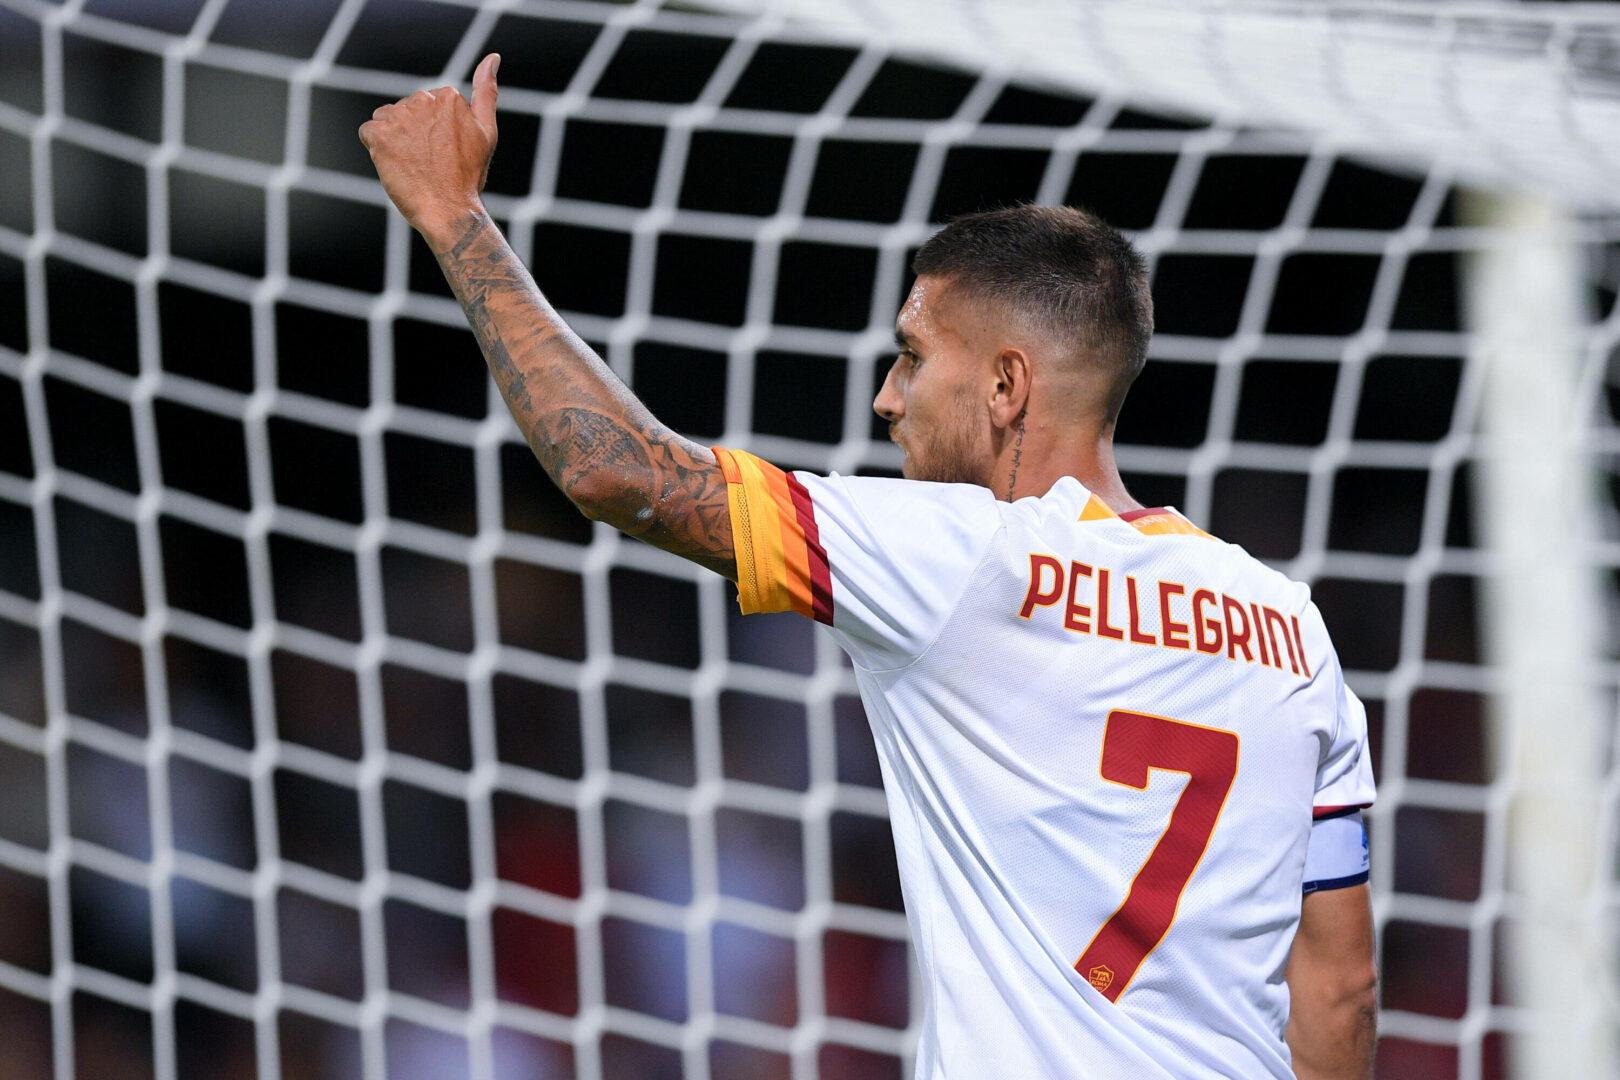 Lorenzo Pellegrini bejubelt seinen Treffer für die AS Roma in Salernitana.